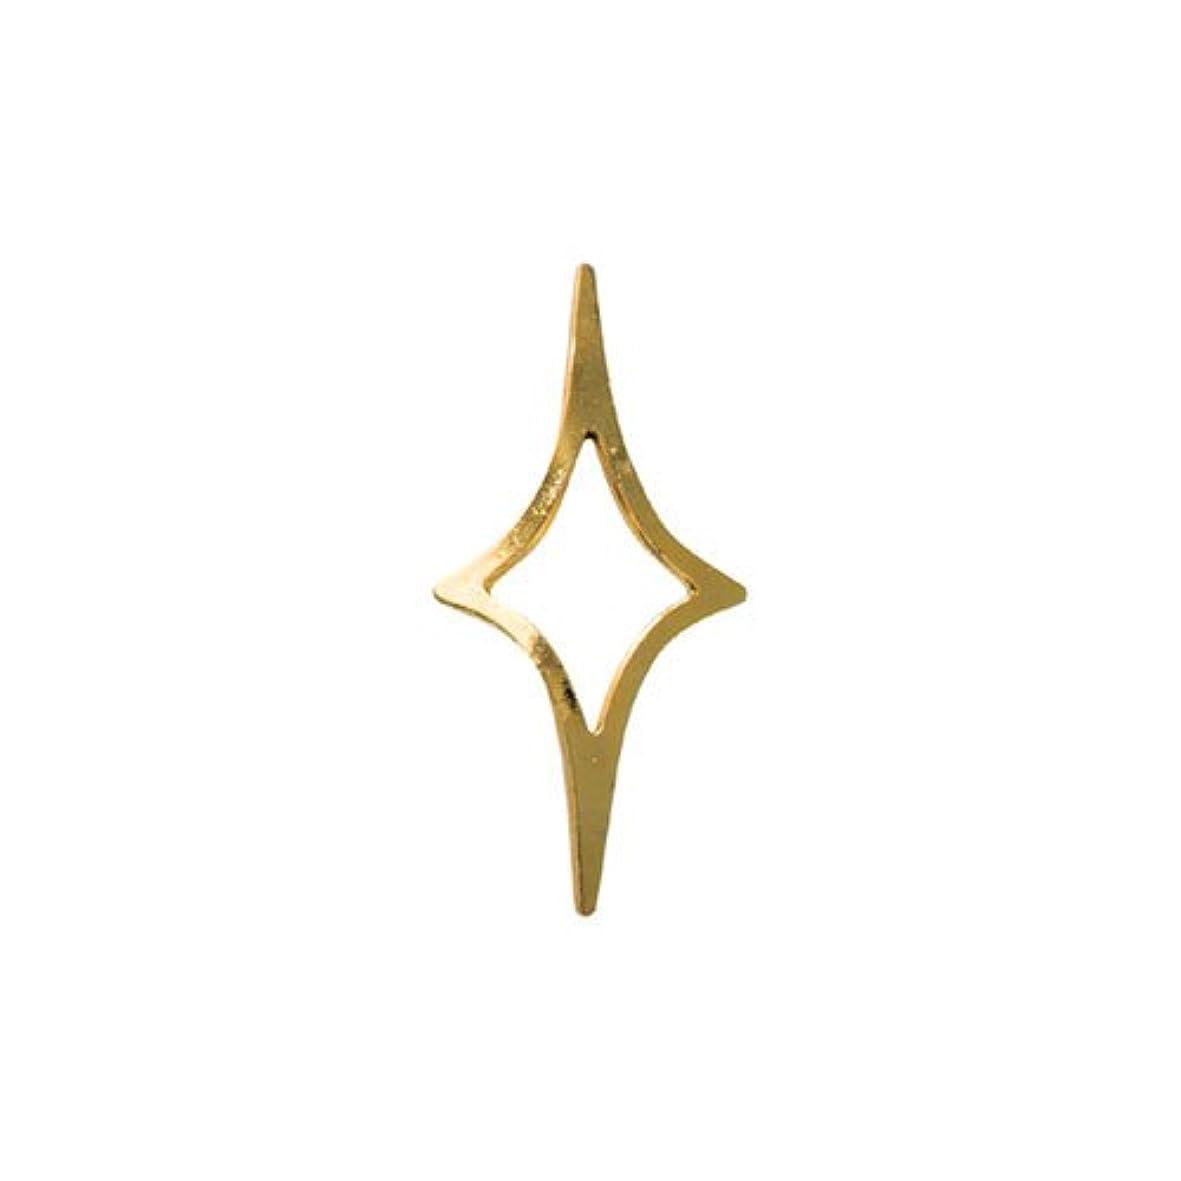 理想的アコー砂リトルプリティー ネイルアートパーツ キラキラ 4S ゴールド 50個